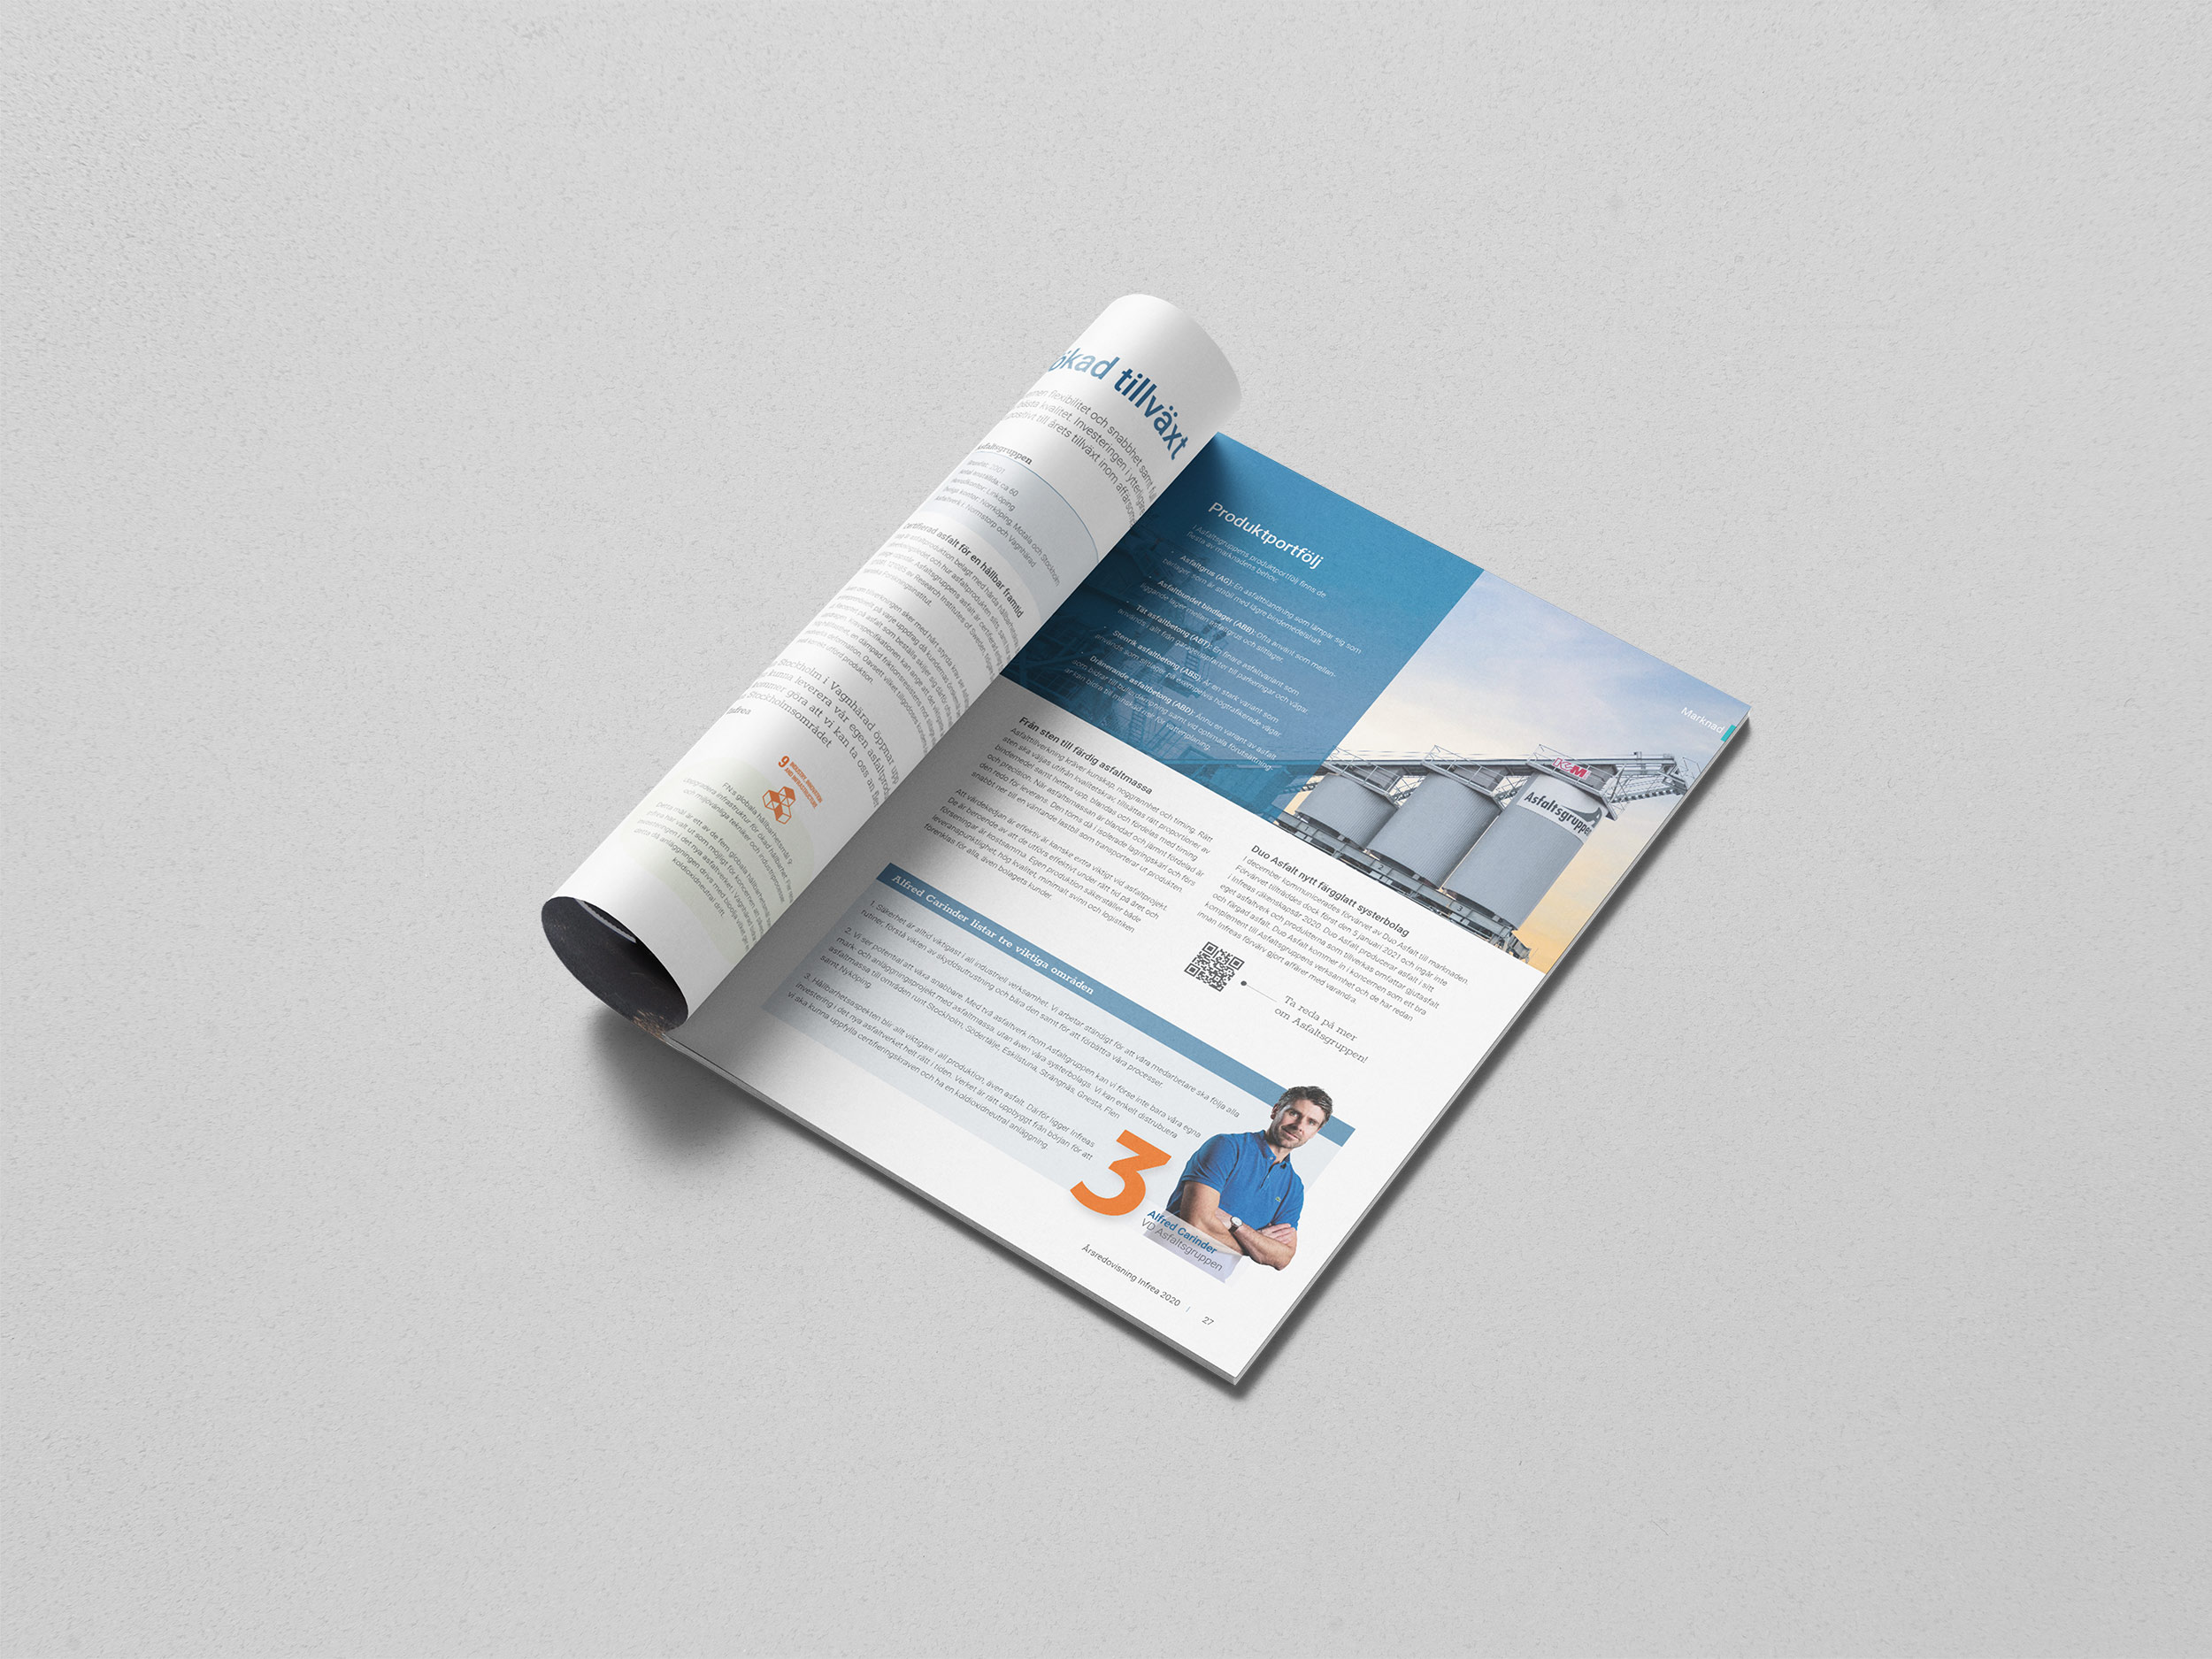 Infreas Årsredovisning 2020 finnsbåde i tryckt och i digitalt format.